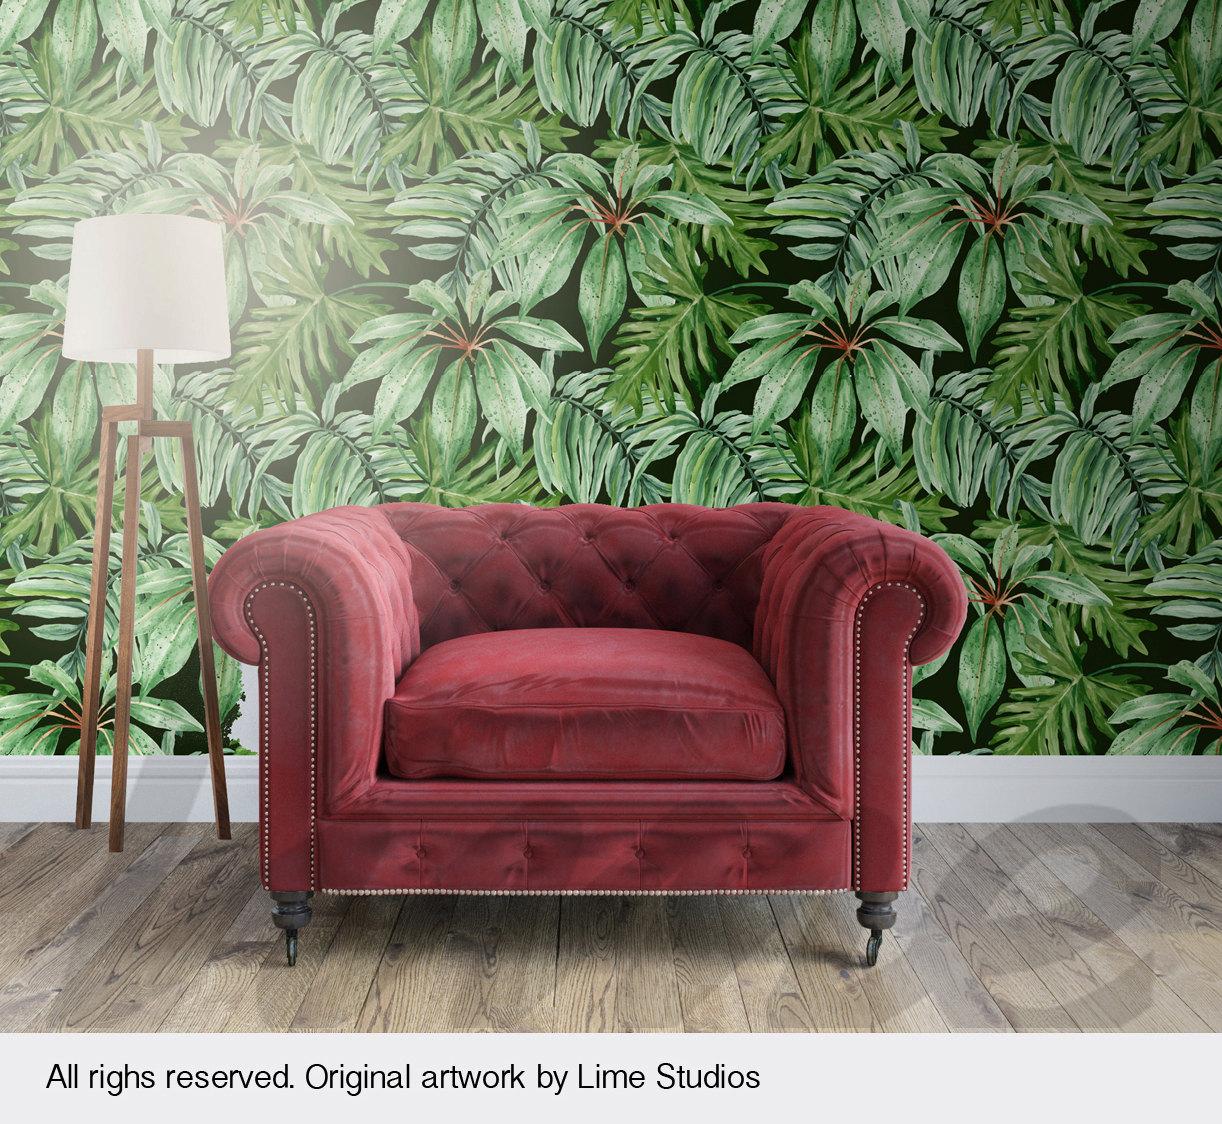 Banano Hoja Wallpaper Mural De Pared Hojas Tropicales # Muebles Hoja De Banano